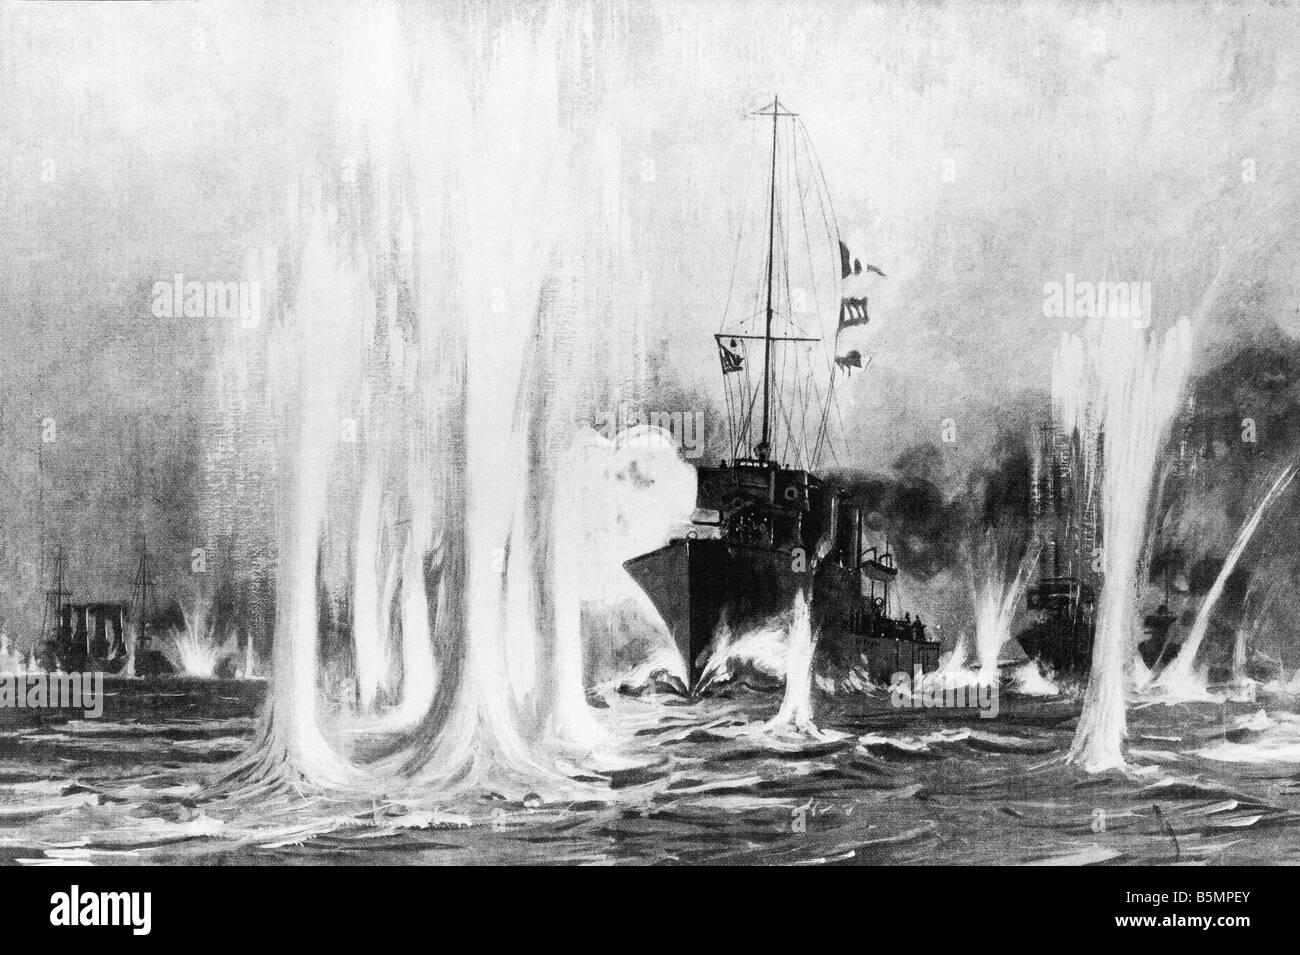 9 1914 828 A1 E bataille navale Août 1914 bois fra World War 1 La guerre sur mer bataille navale à Helgoland 28 8 1914 Scène de bataille avec Banque D'Images